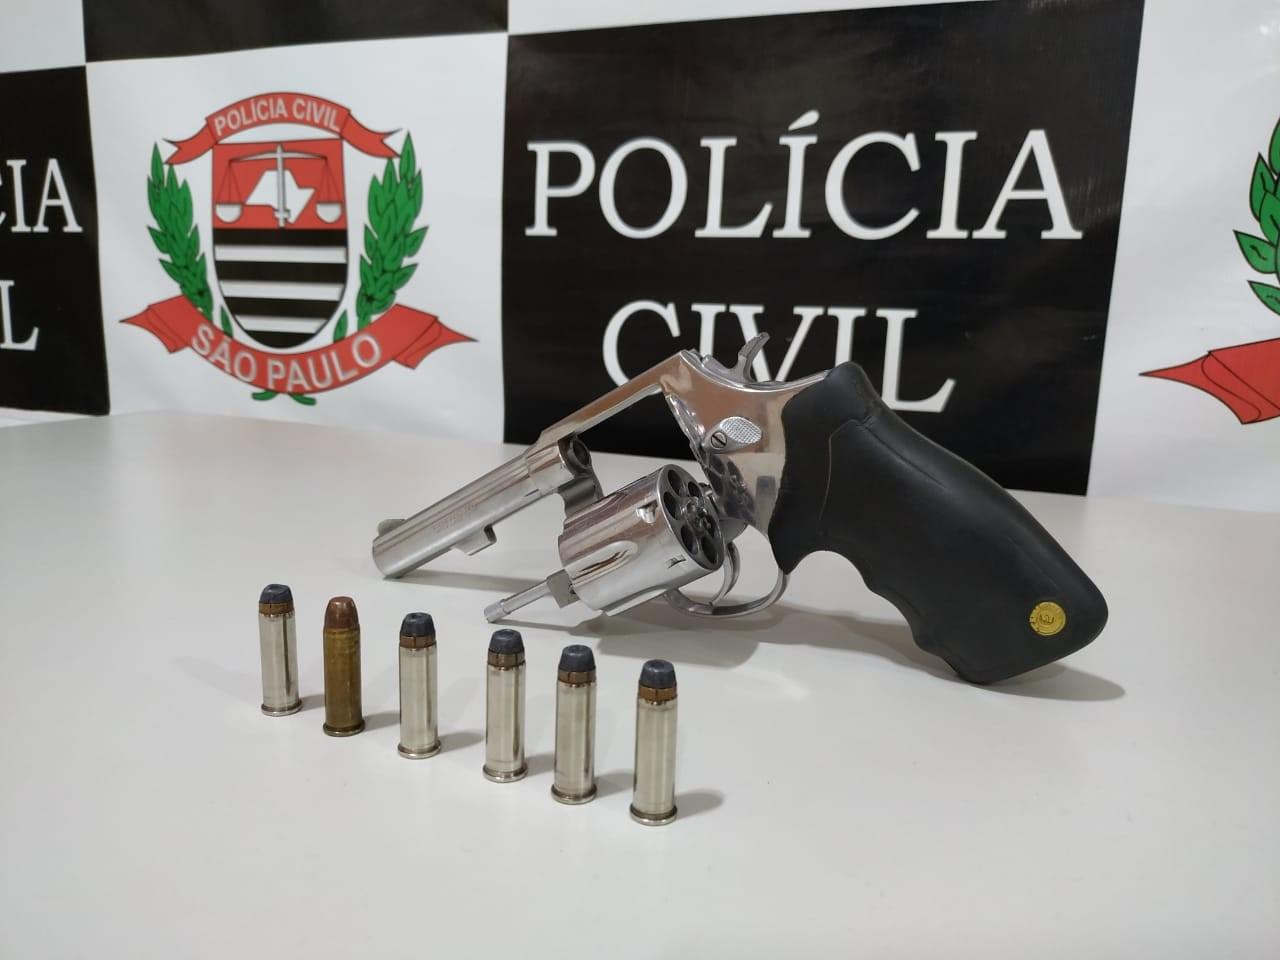 Arma de fogo roubada de empresa de segurança é apreendida pela DIG, em Presidente Prudente - Notícias - Plantão Diário